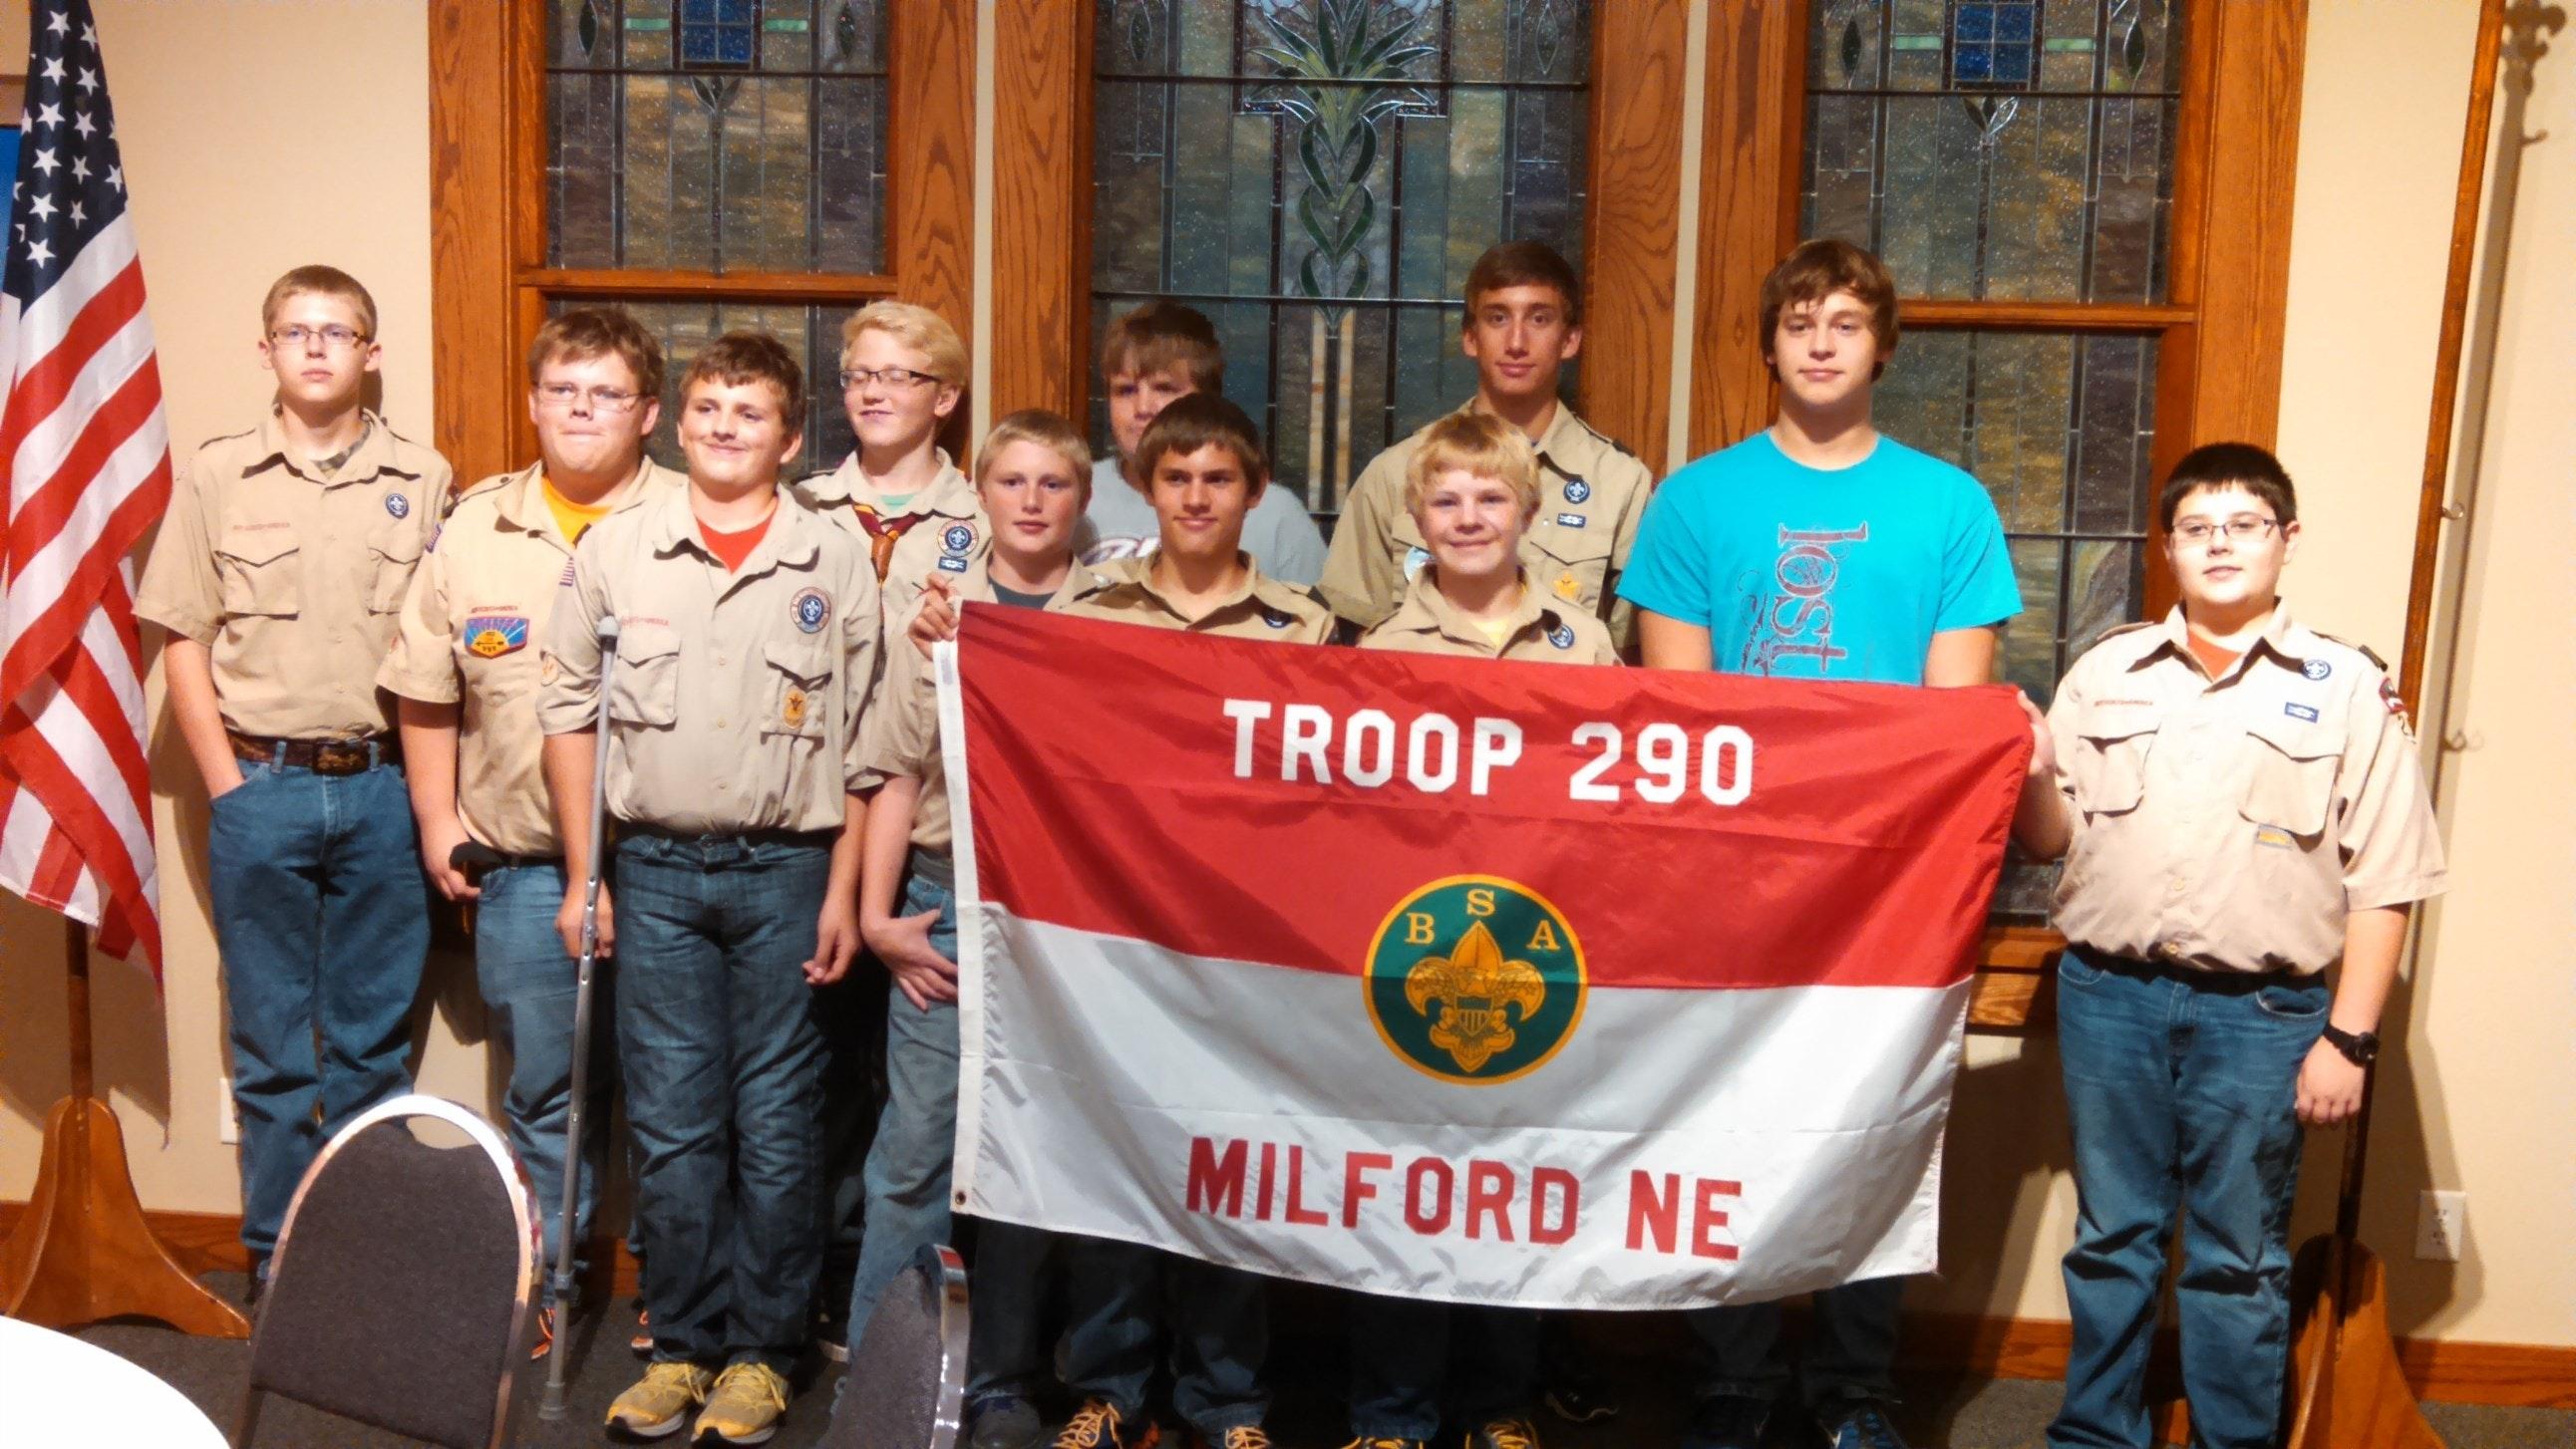 Troop 290